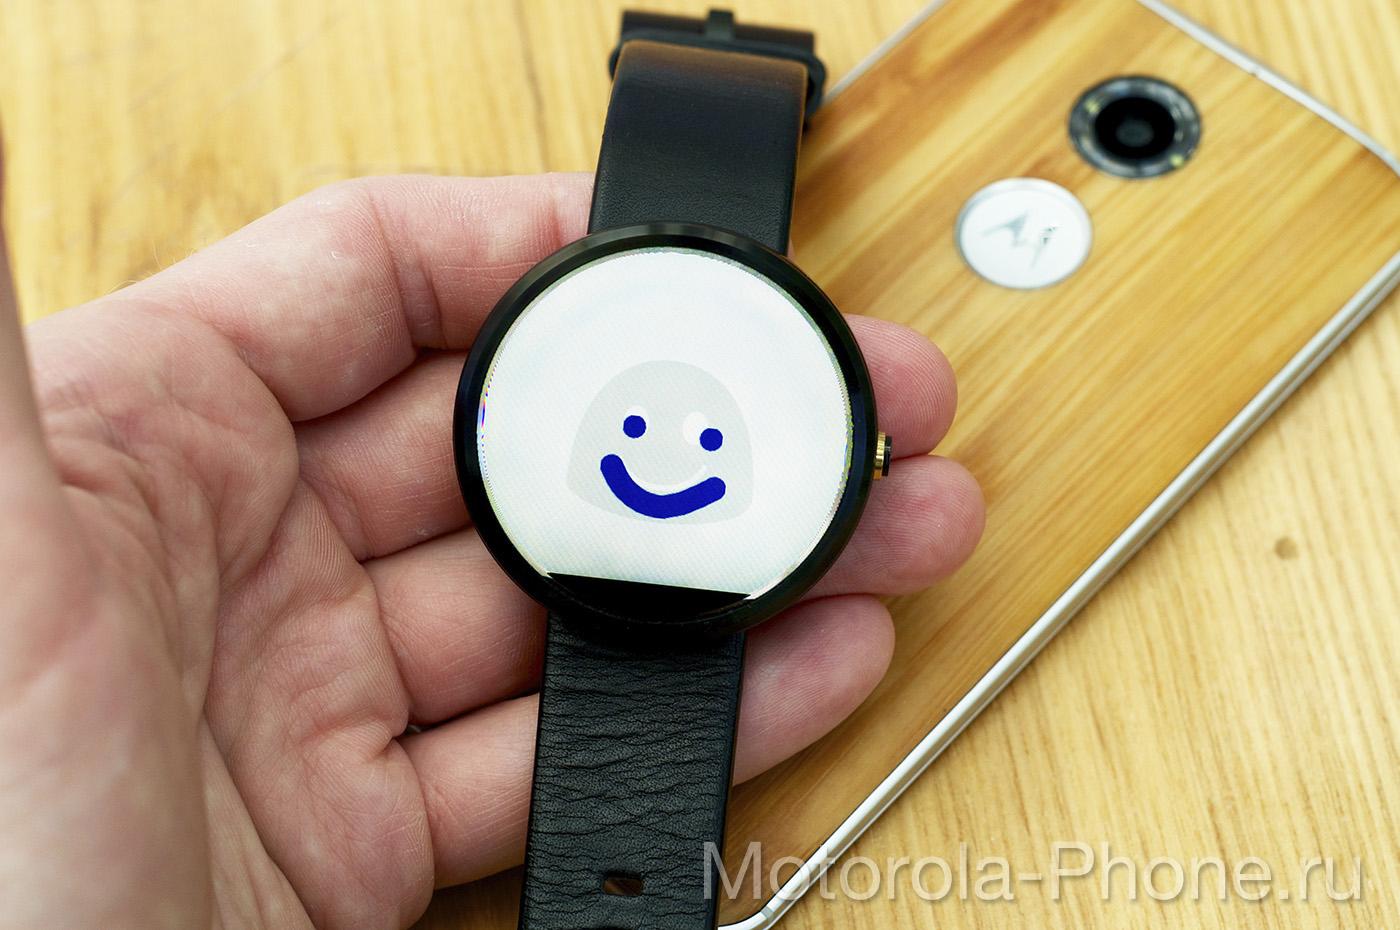 Motorola-Moto-360-Android-Wear-5-1-25 copy